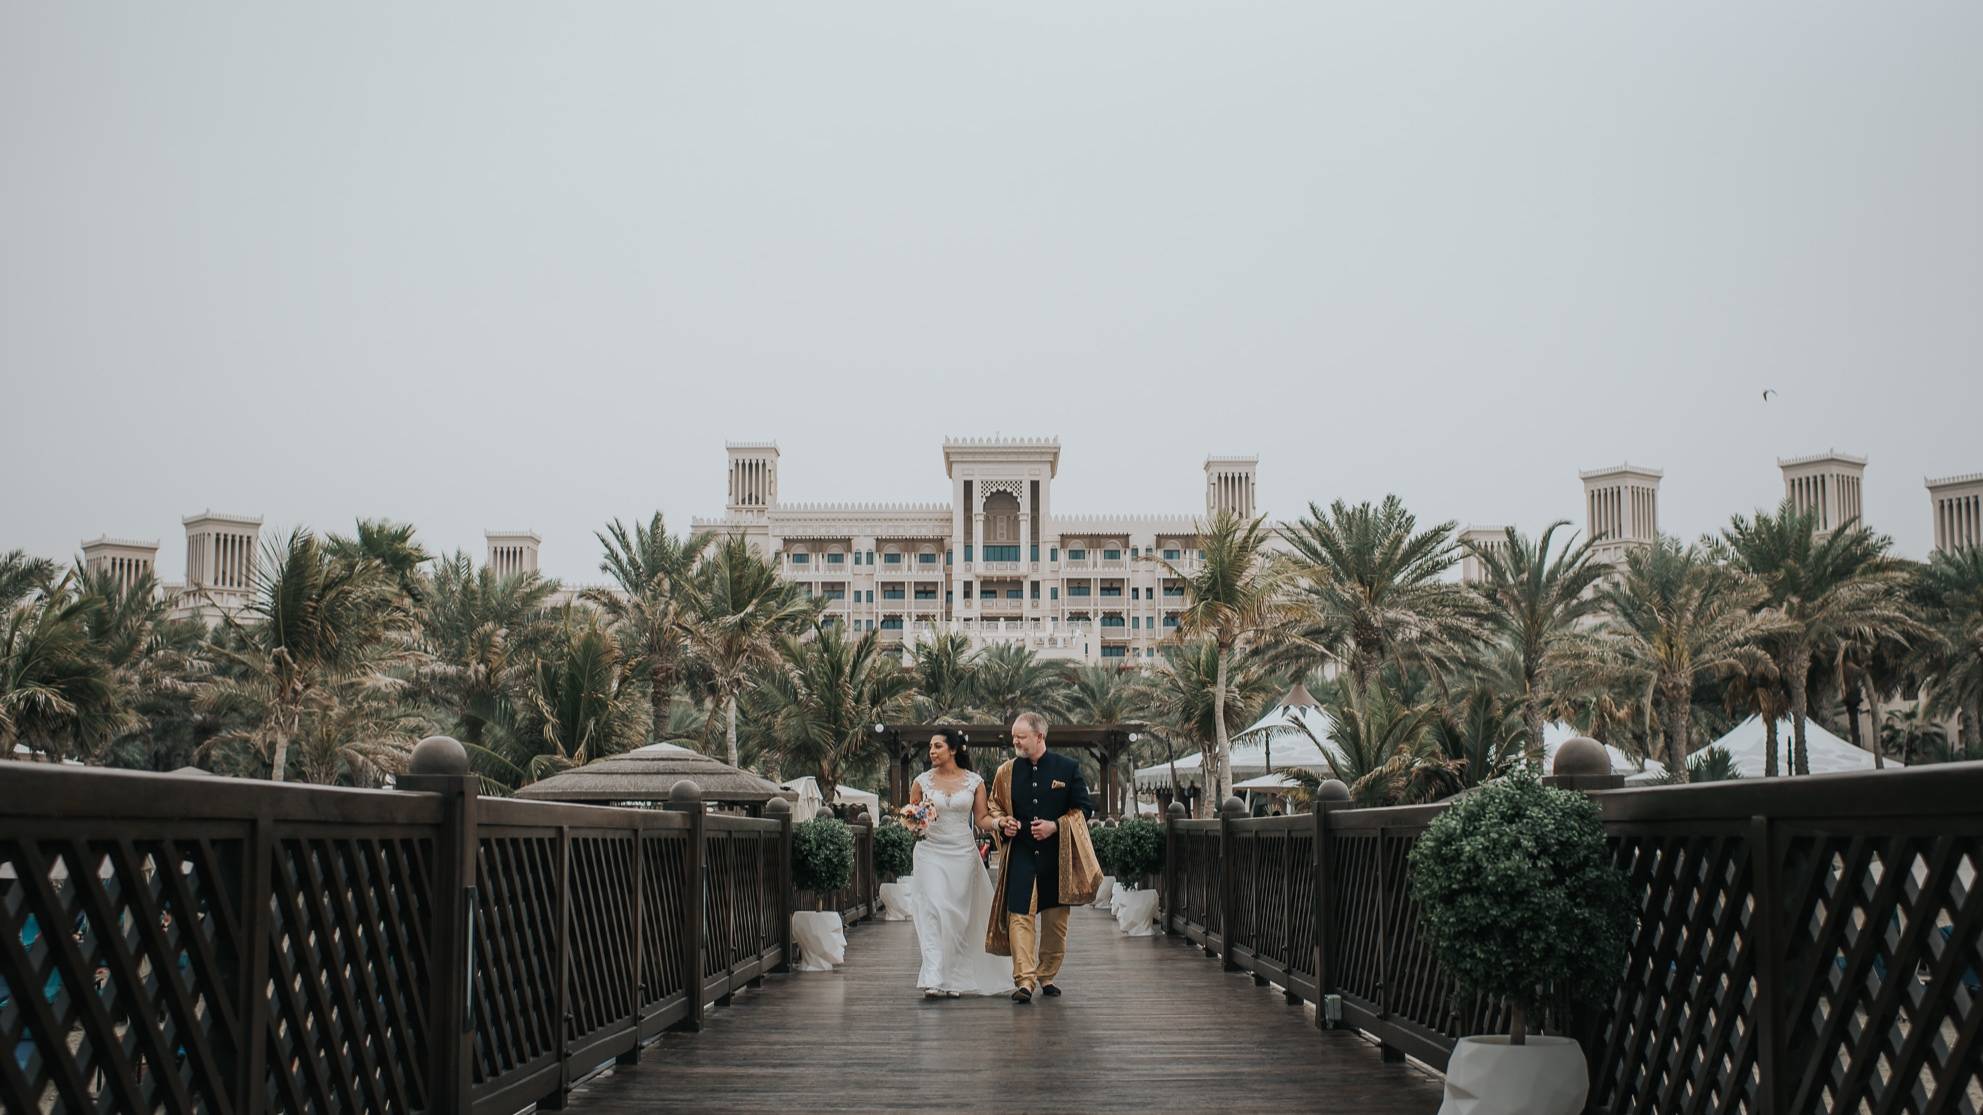 madinat+jumeirah+dubai+wedding+photographer++destination+wedding+photography+%2831+of+52%29.jpg